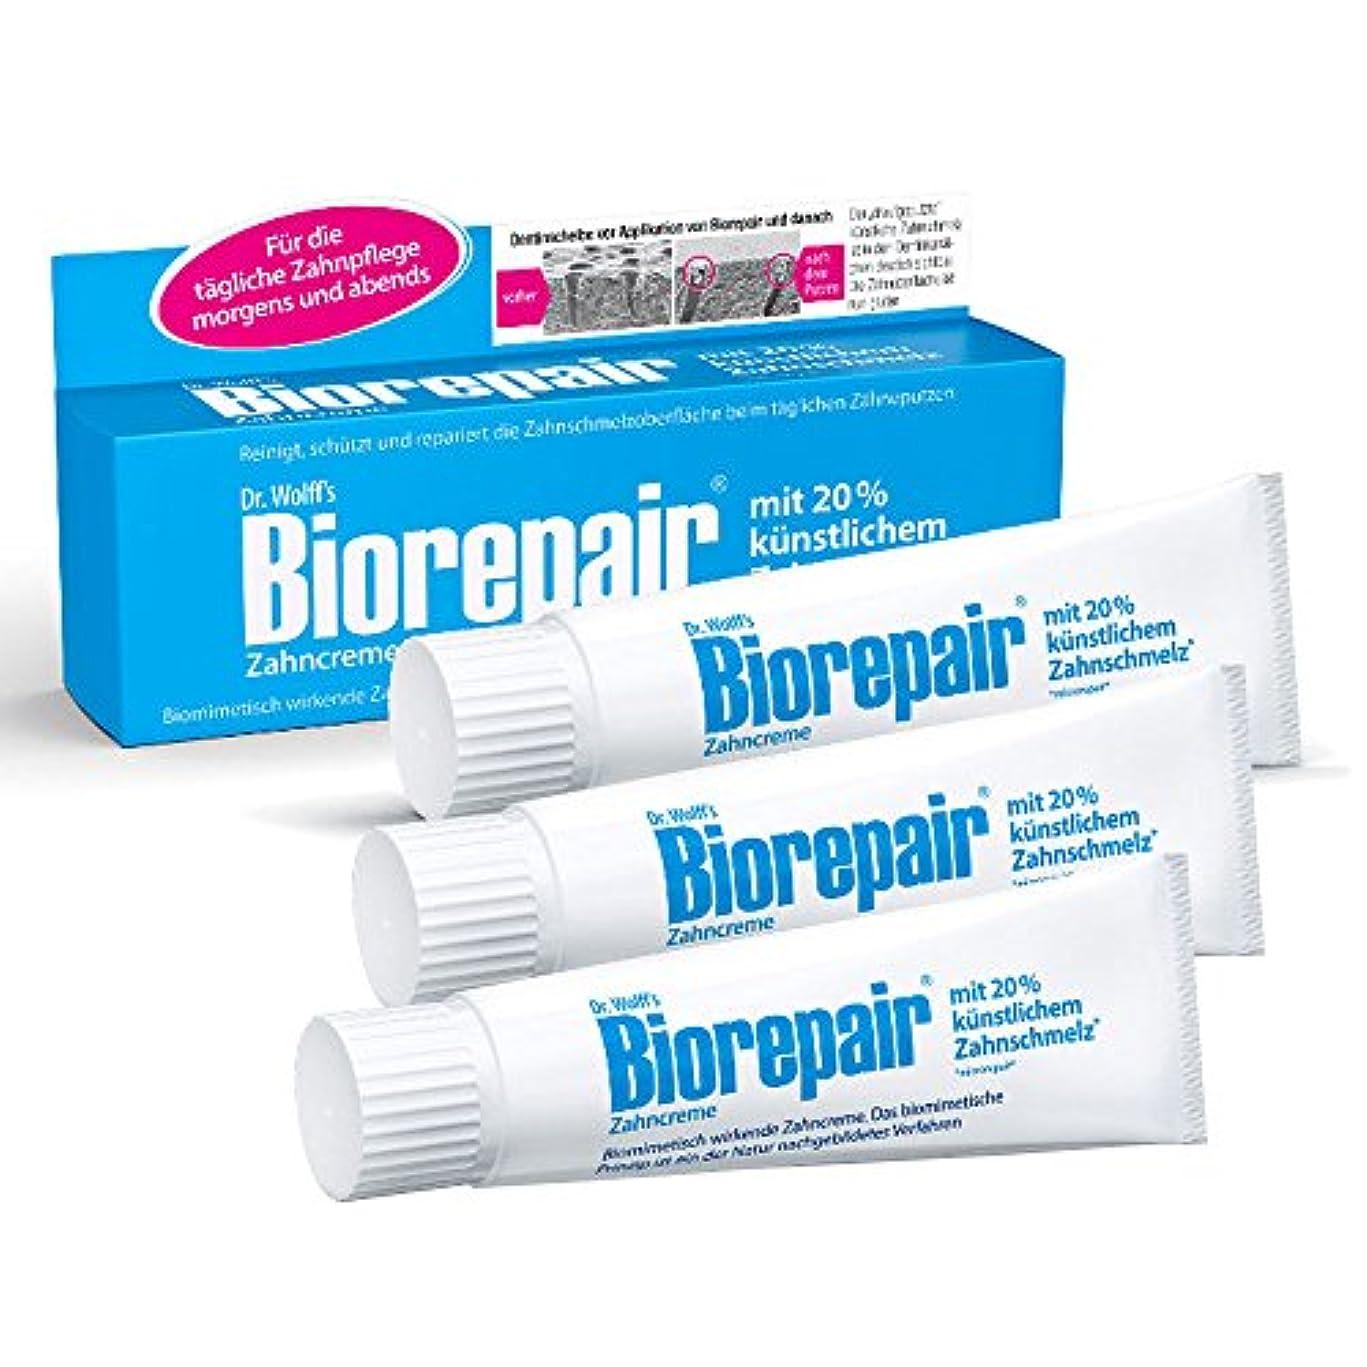 曲線ニュース罪Biorepair 歯磨き粉オリジナル、75ml 歯の保護 耐摩耗性 x 3 [並行輸入品]